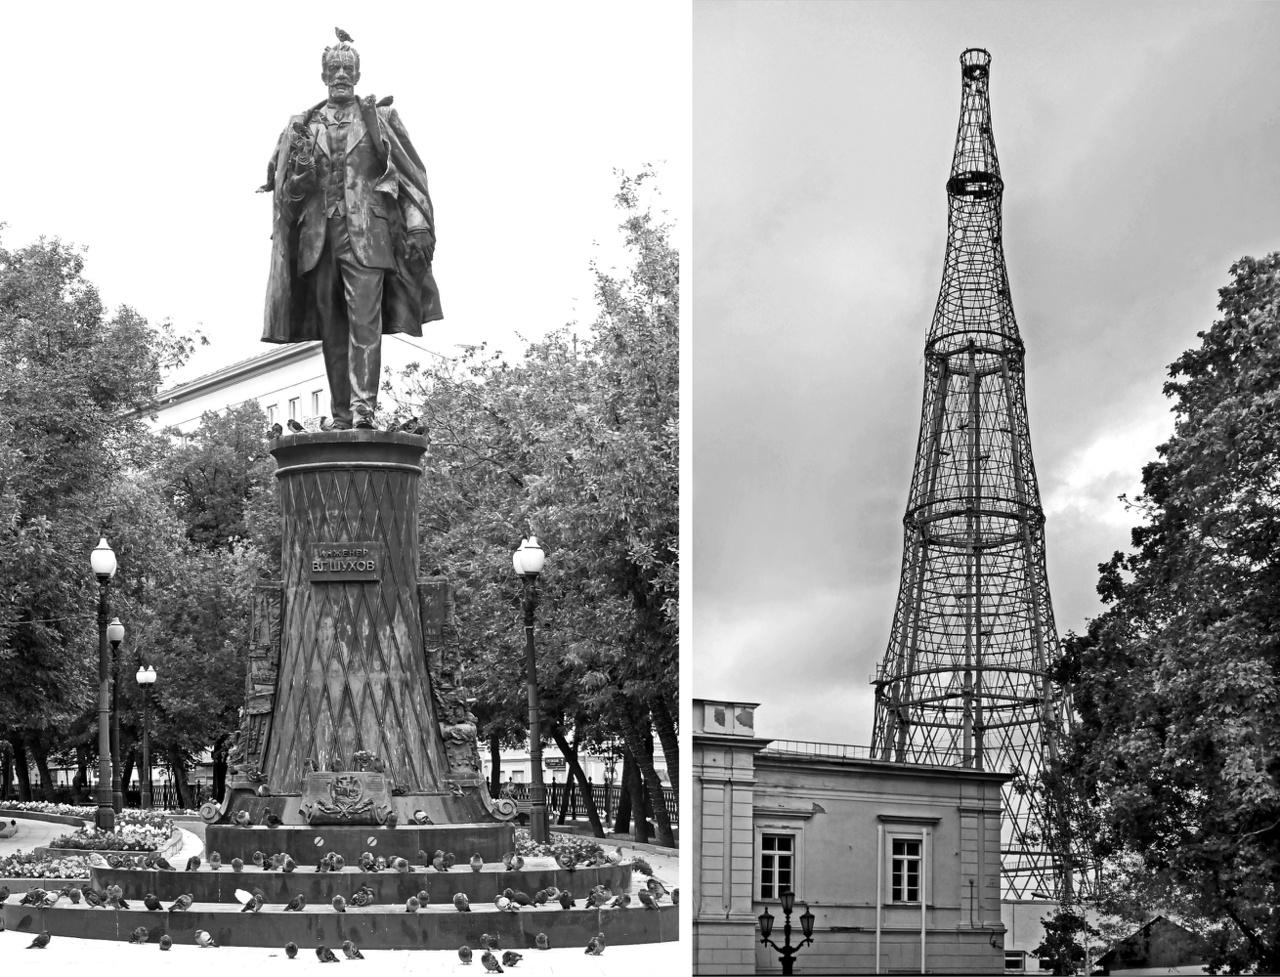 Vlagyimir G. Suhov szobra a Trurgenyevszkaja téren (a talapzat egy Suhov-féle tornyot mintáz). Jobbra: a Suhov-torony a Suhov utcában. Suhov igazi polihisztor volt: mérnök, építész és tudós, akinek neve leginkább az általa megálmodott hiperboloid fémszerkezetek révén vált ismertté szerte a világban.